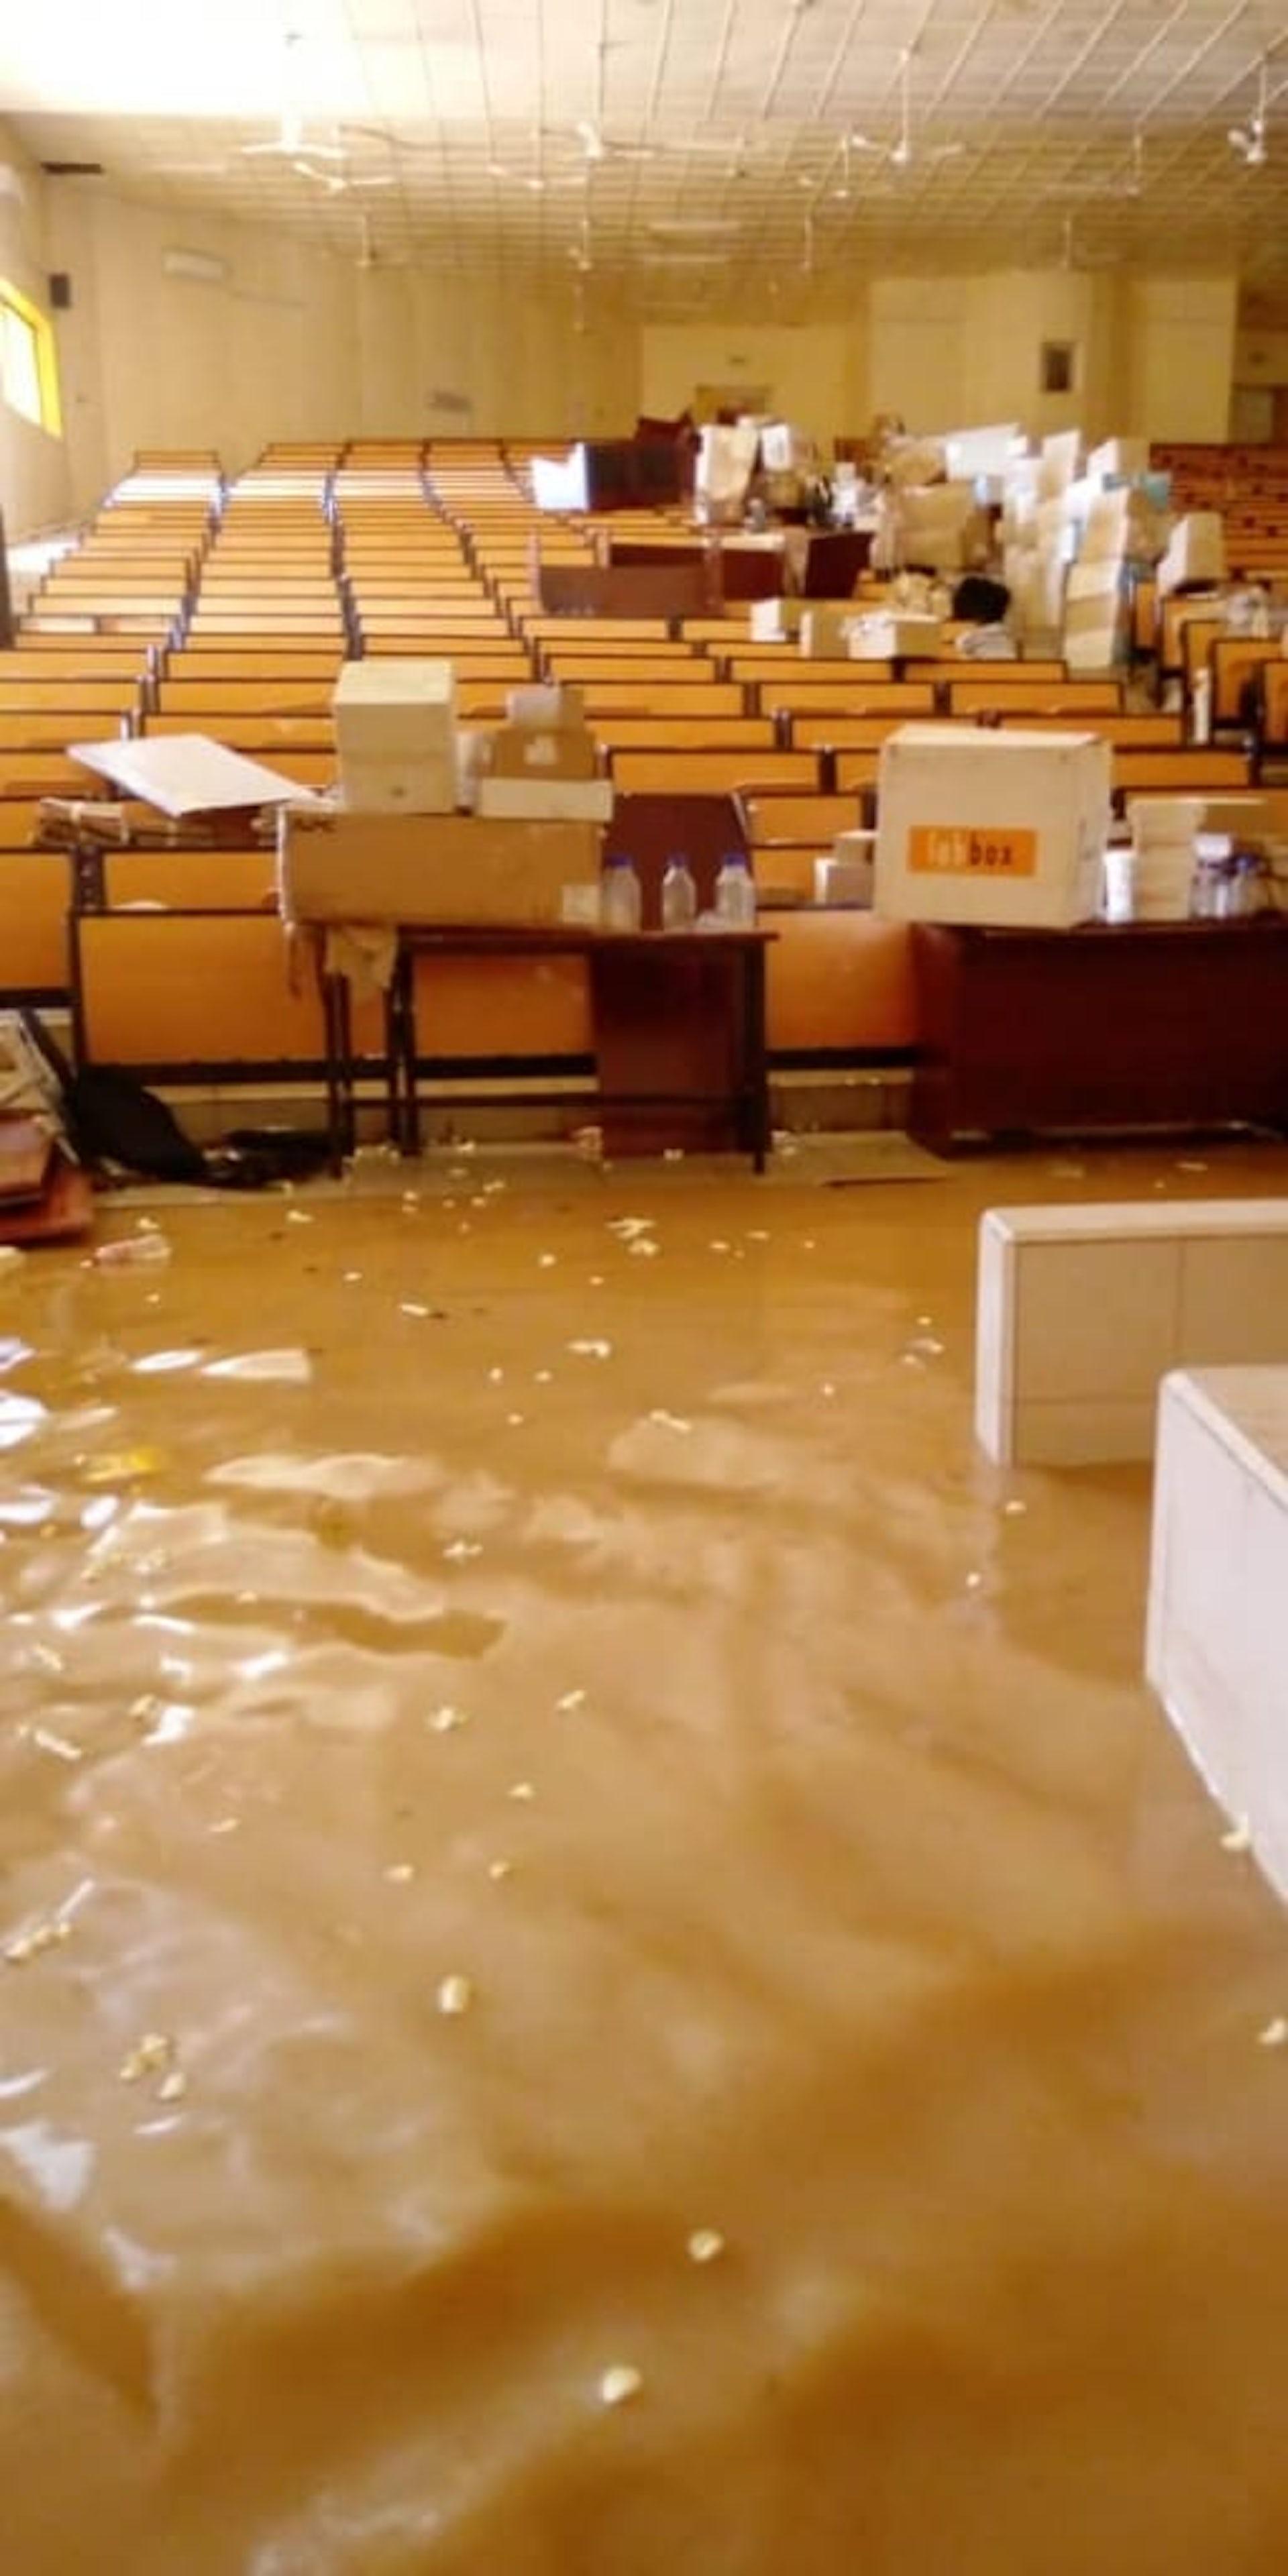 L'université Abdou Moumouni, les pieds dans l'eau. Oumoukaltoum Hamagarba, Author provided